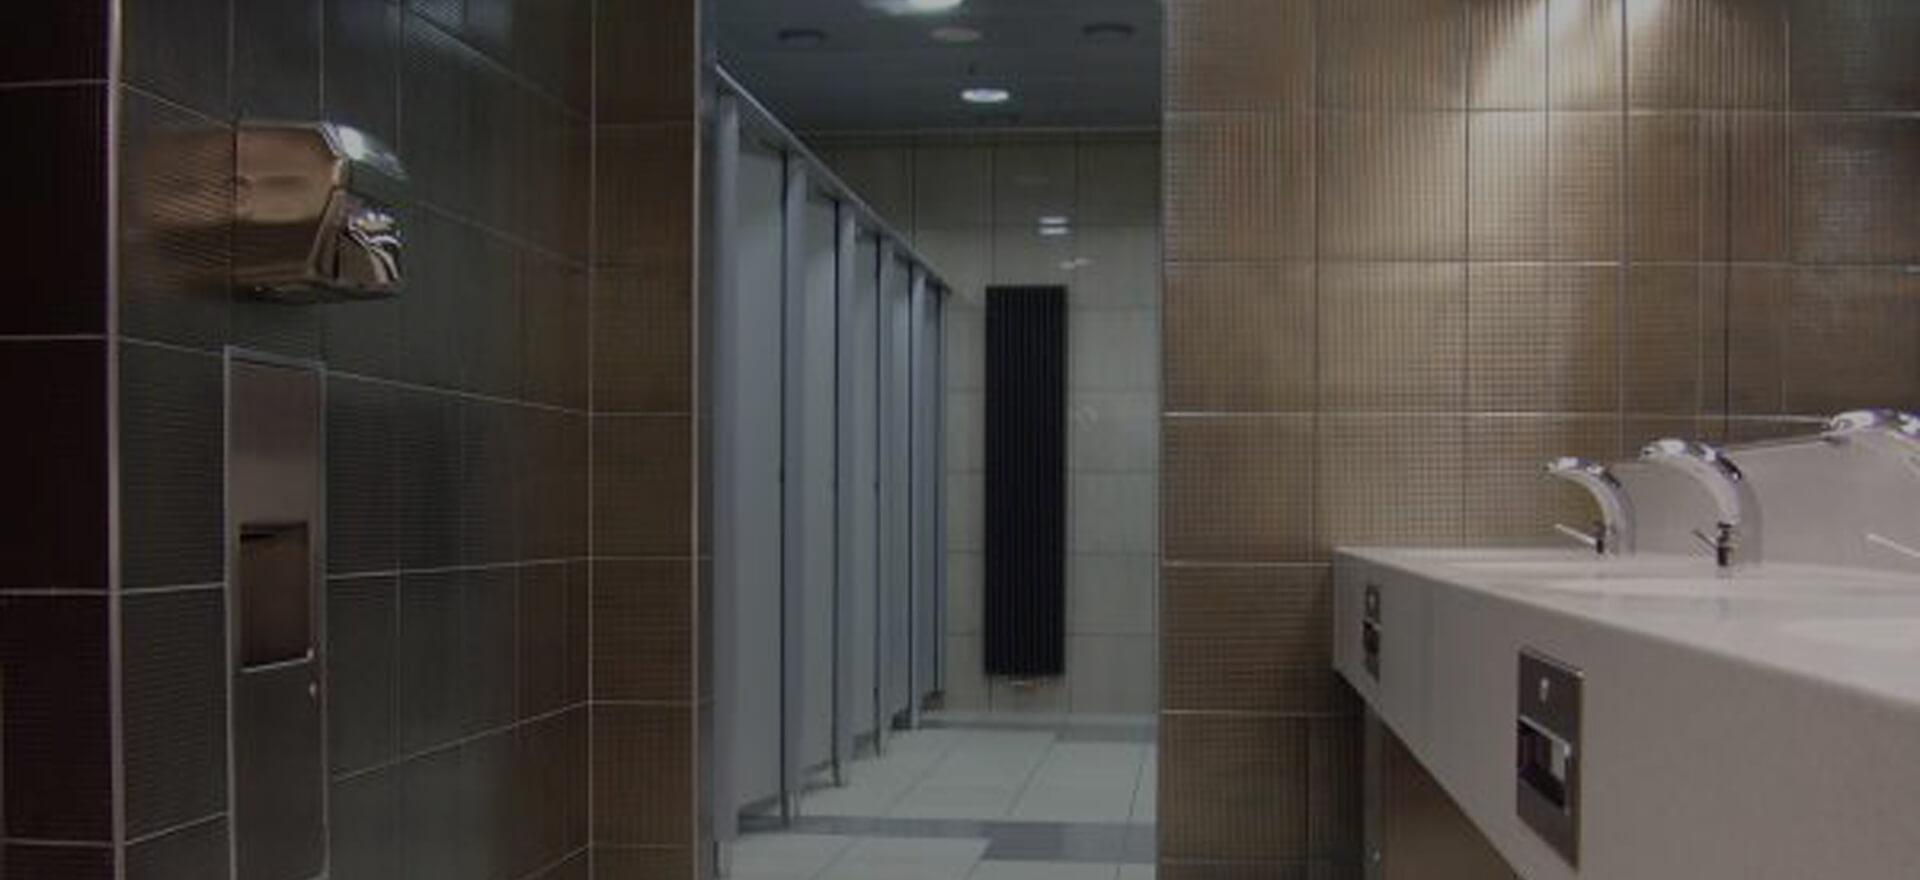 Zariaďovanie sanitárnych priestorov - VENCL SK, s.r.o.